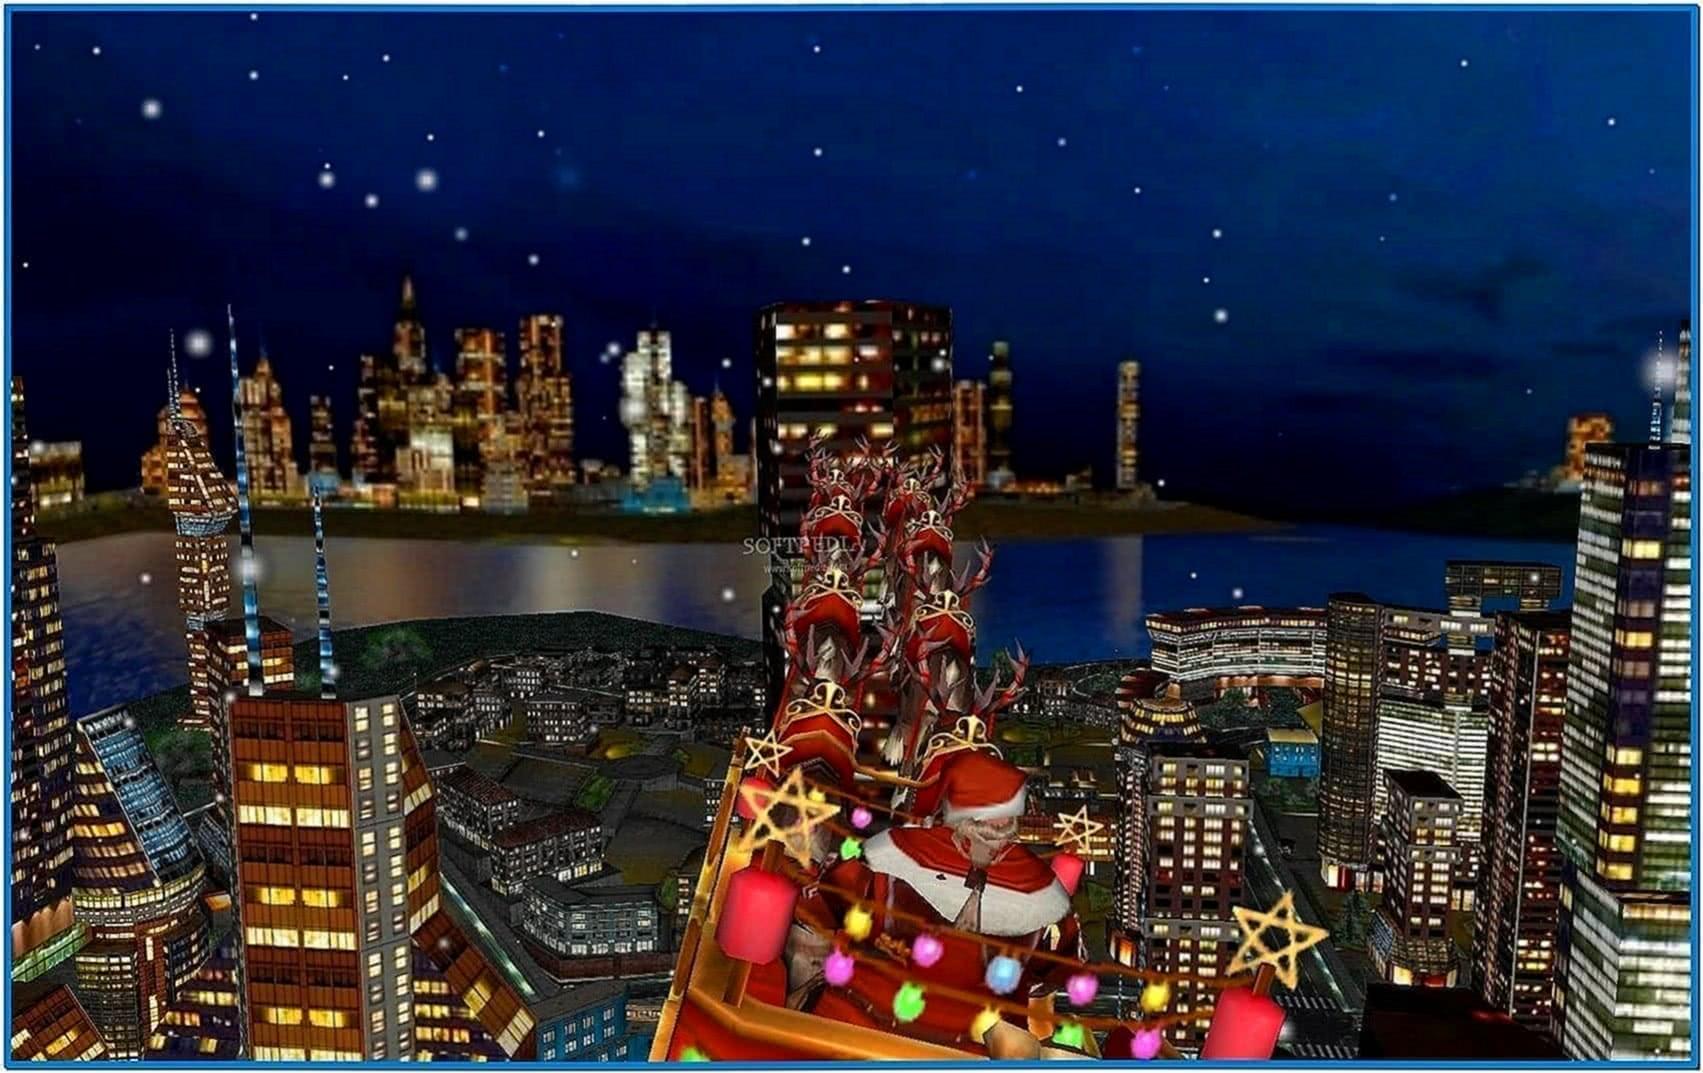 Merry Christmas Screensaver Mac